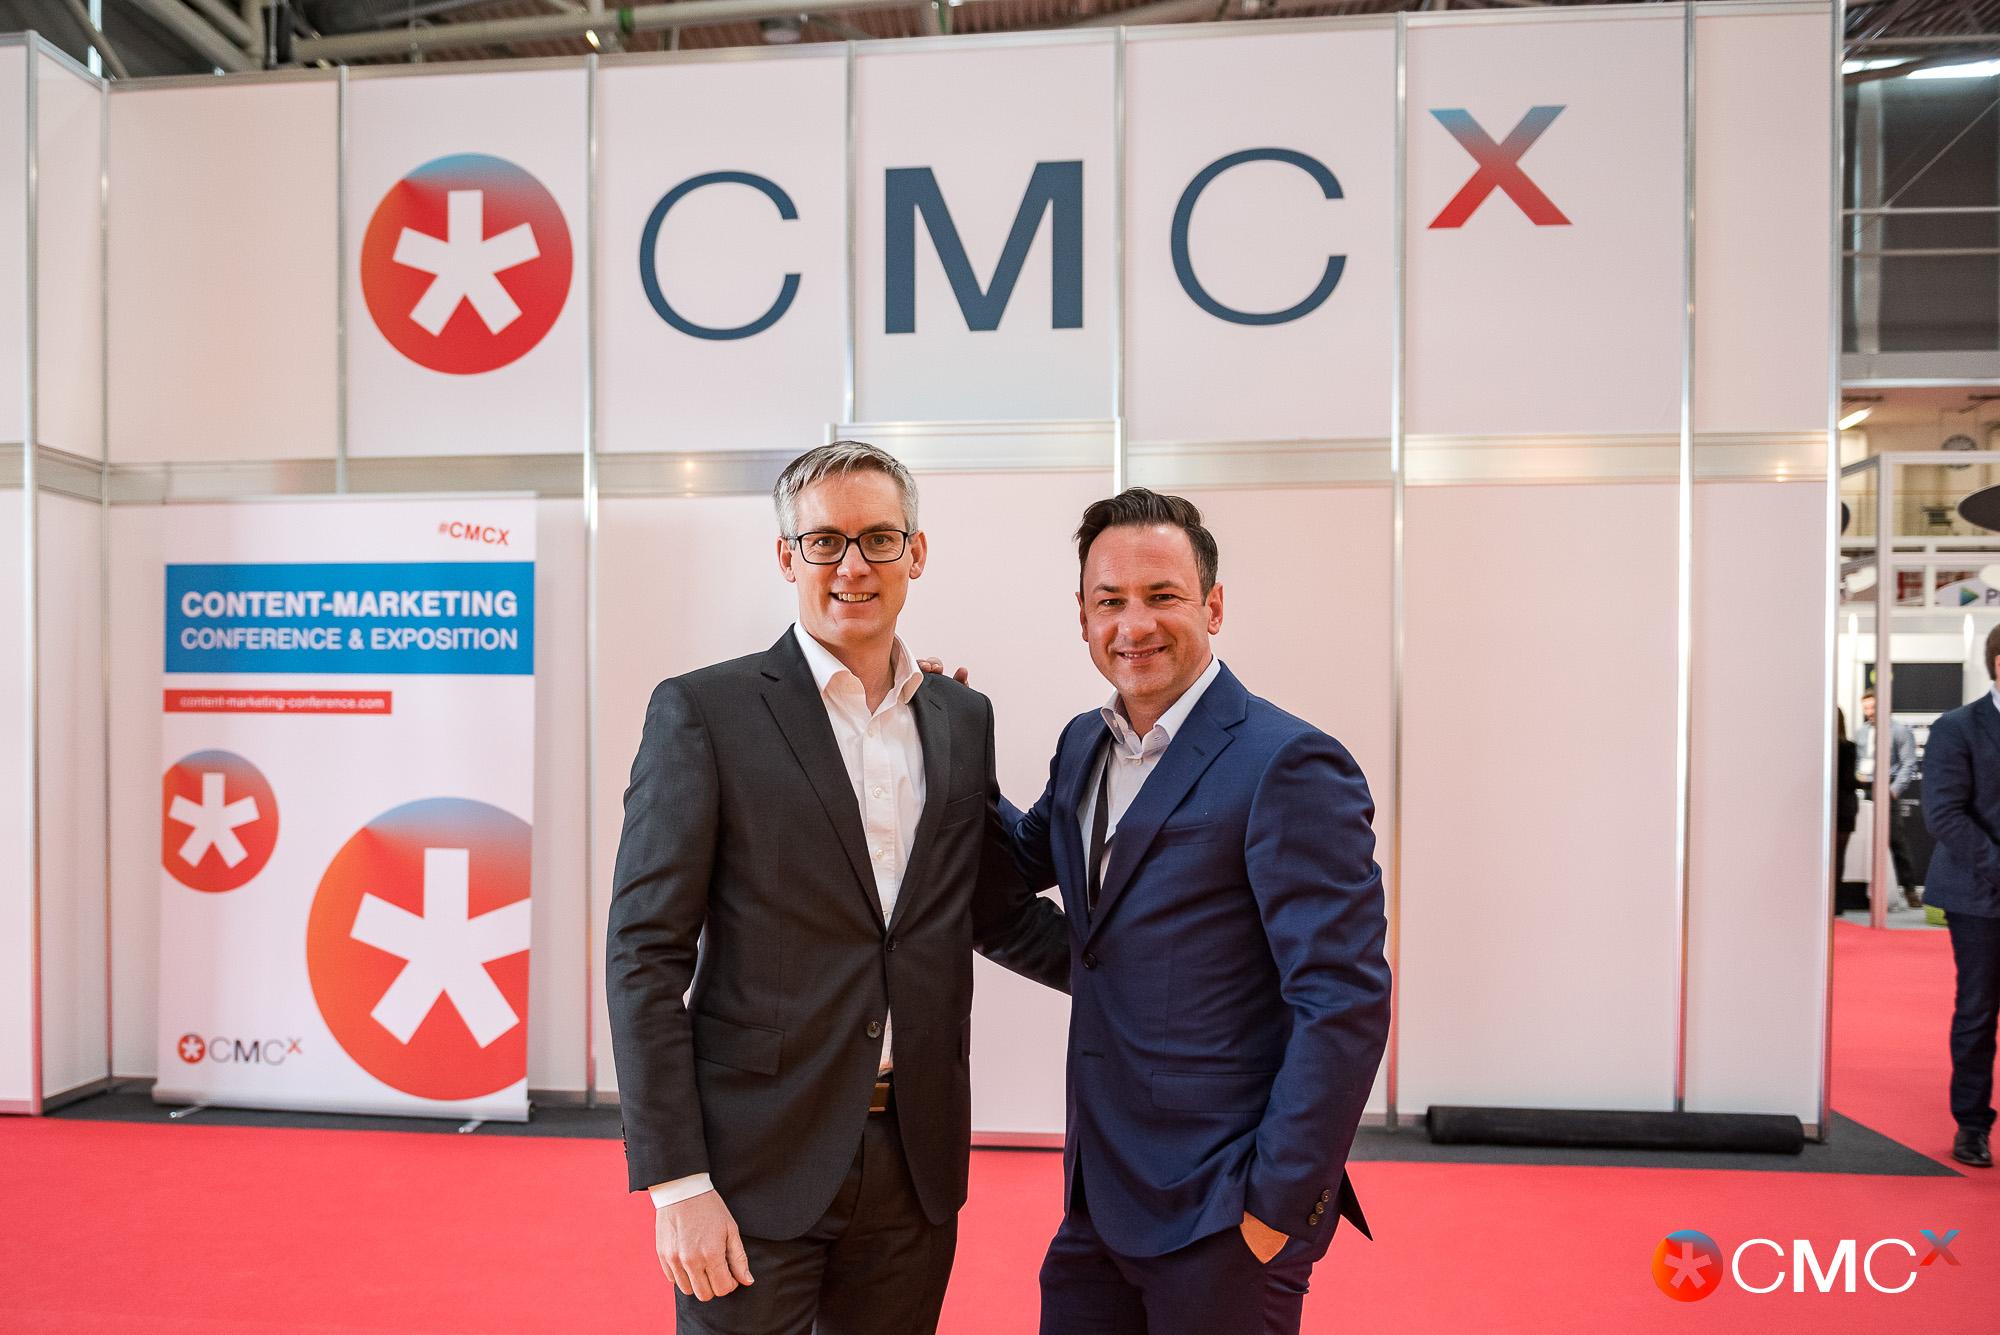 CMCX-Gareth-Locke-Rene-Kuehn